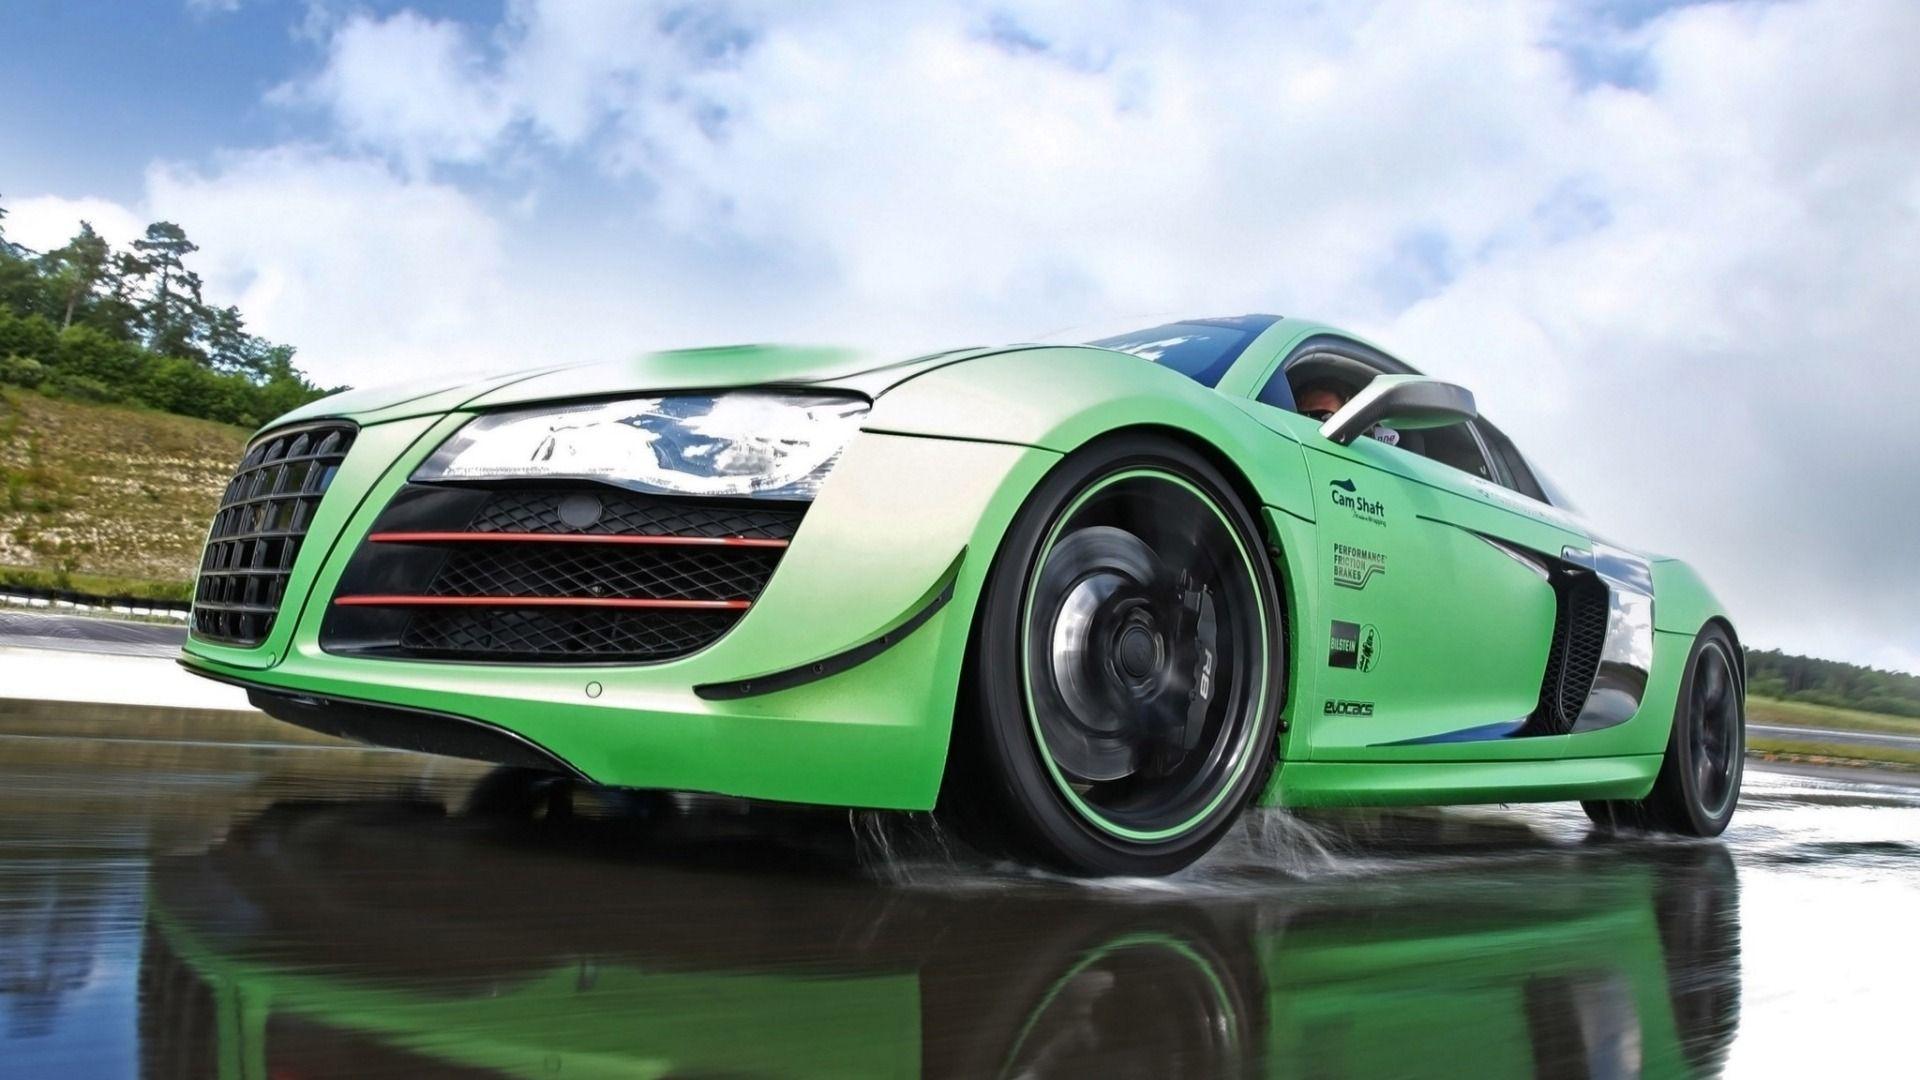 Audi R8 Green Hd Wallpapers 1080p Cars Audi Audi R8 Audi R8 Wallpaper